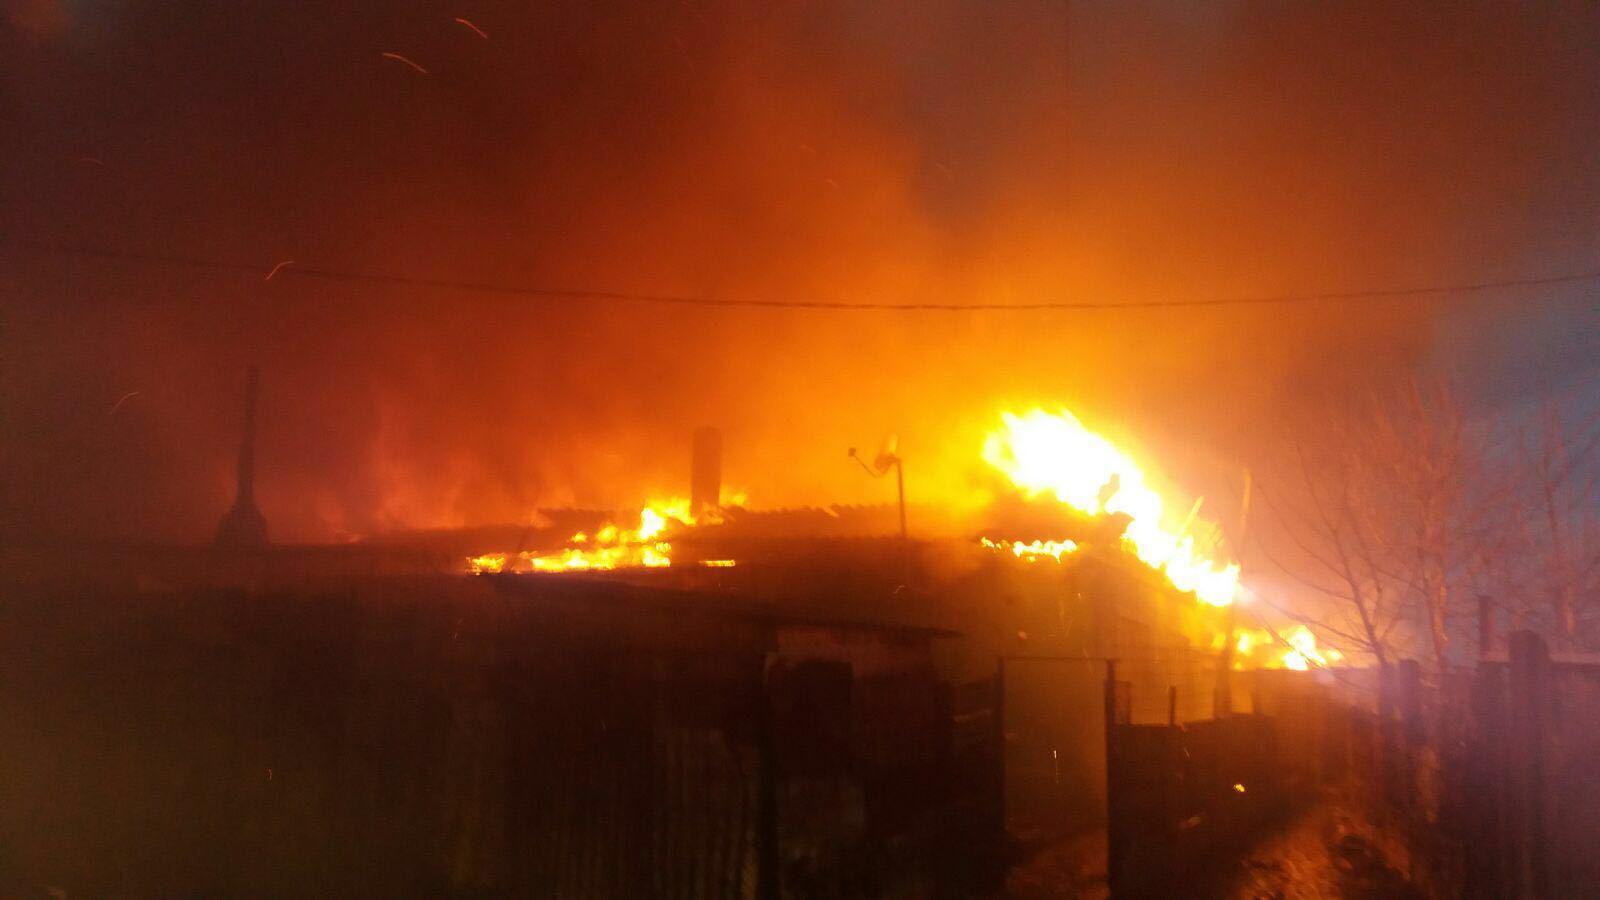 Incendiu la mai multe barăci în Medgidia. Opt autospeciale intervin pentru stingerea focului